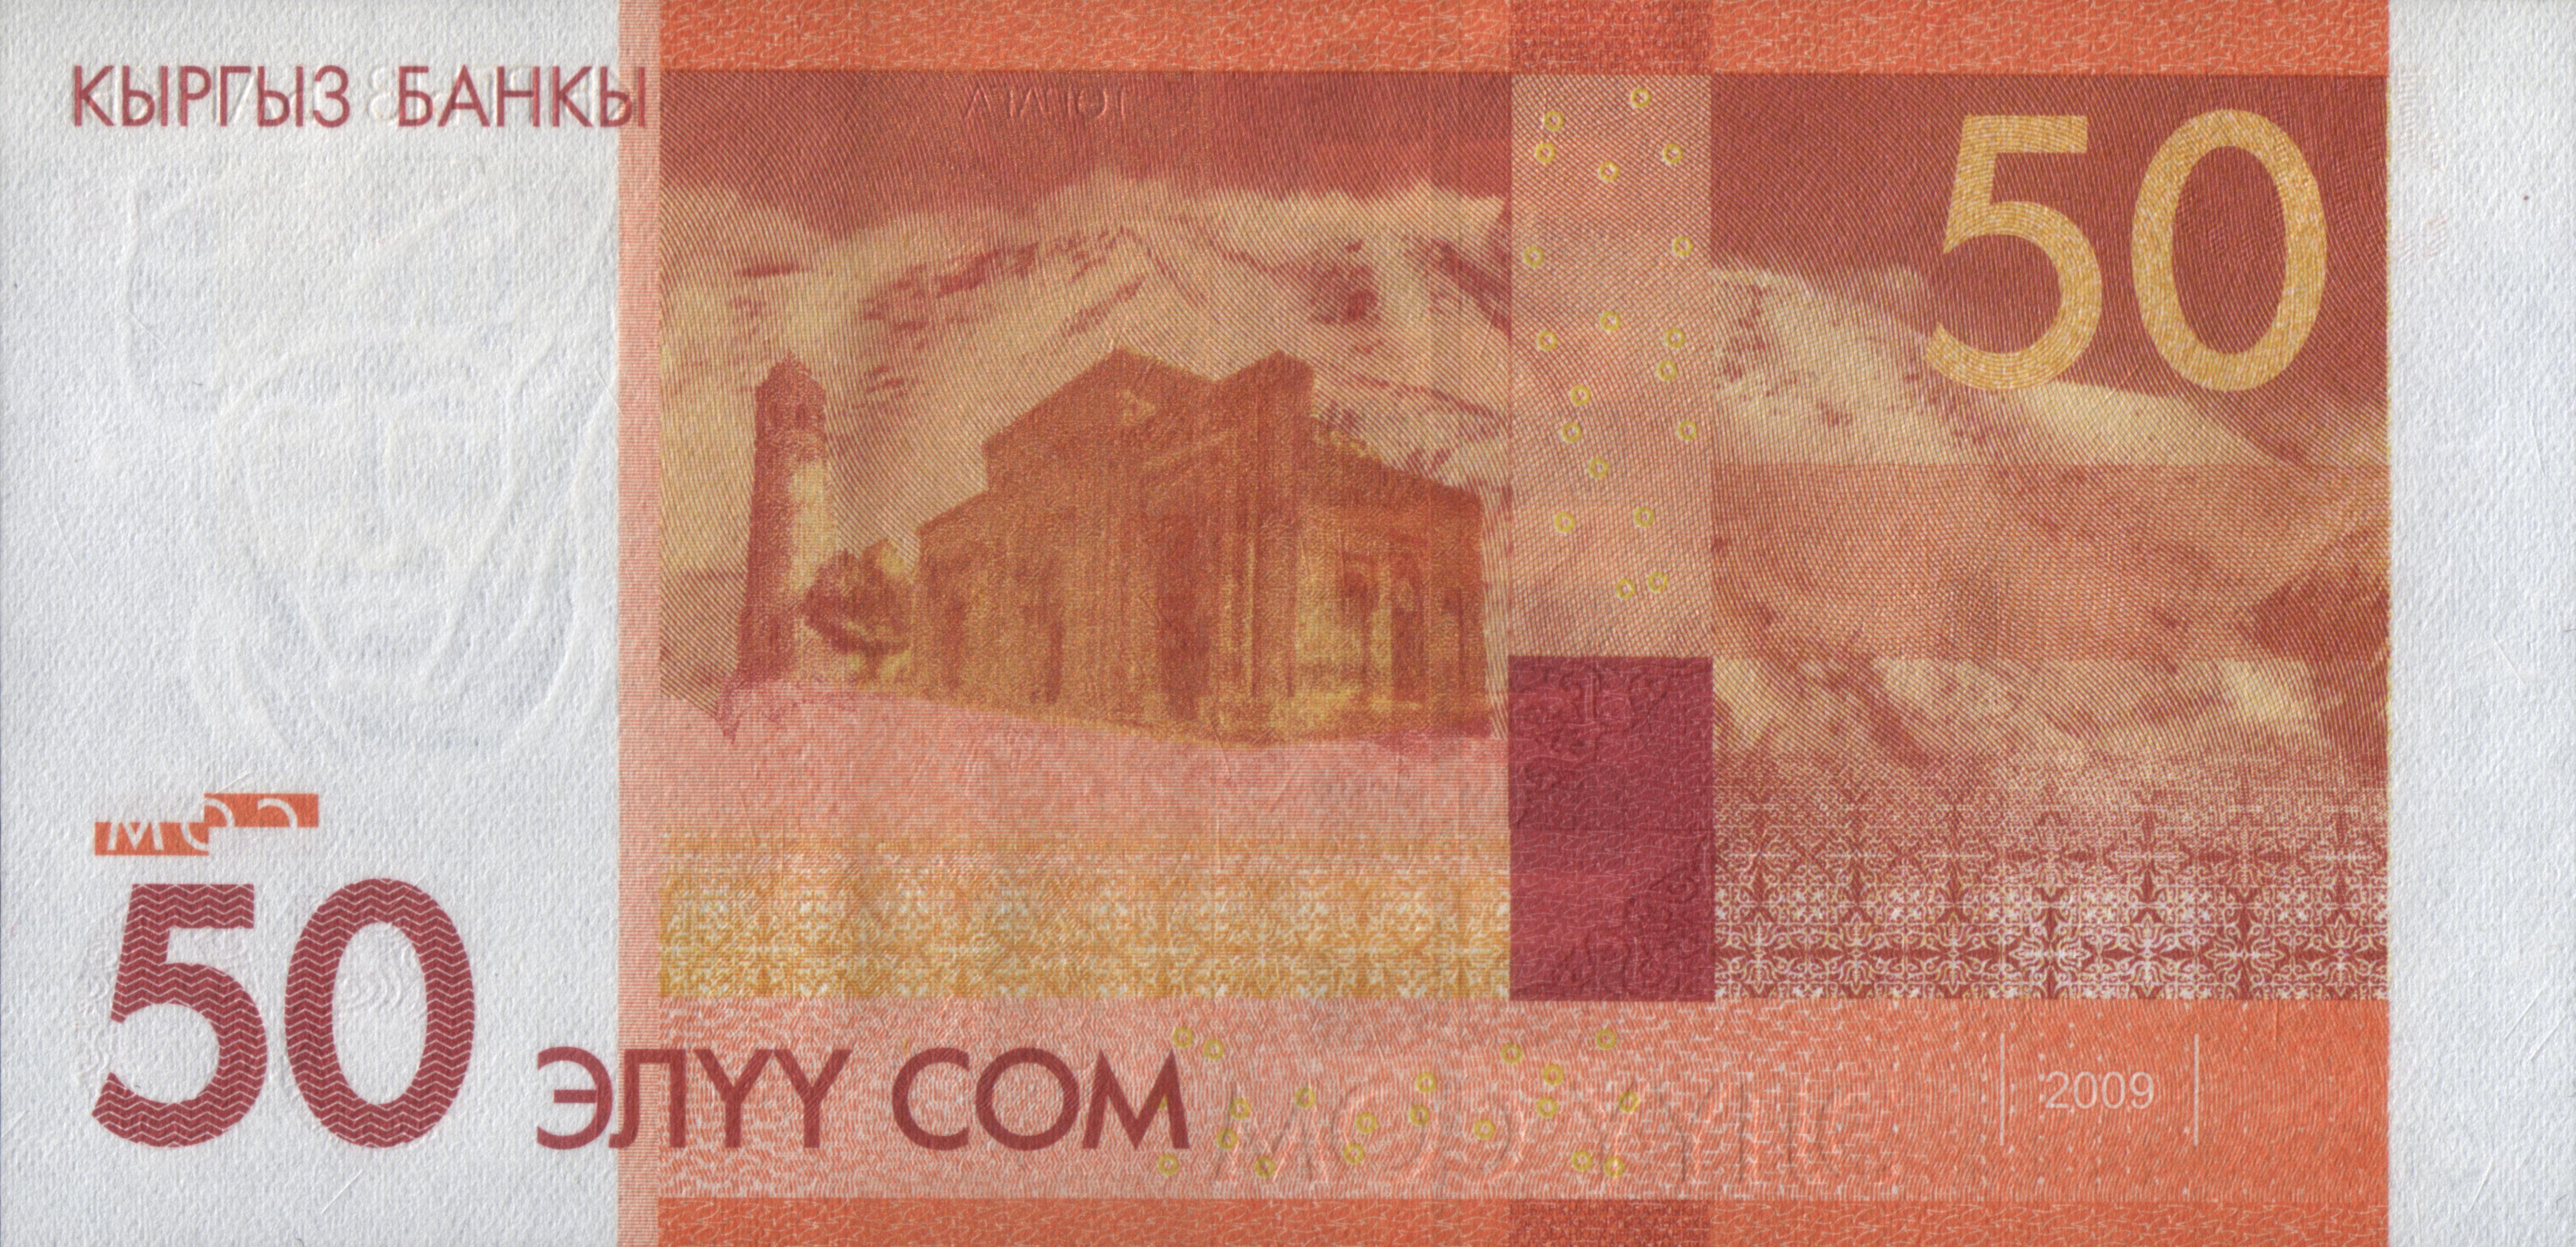 Как проверить деньги? (часть 1) - Realty-Ask.ru | 2989x6174